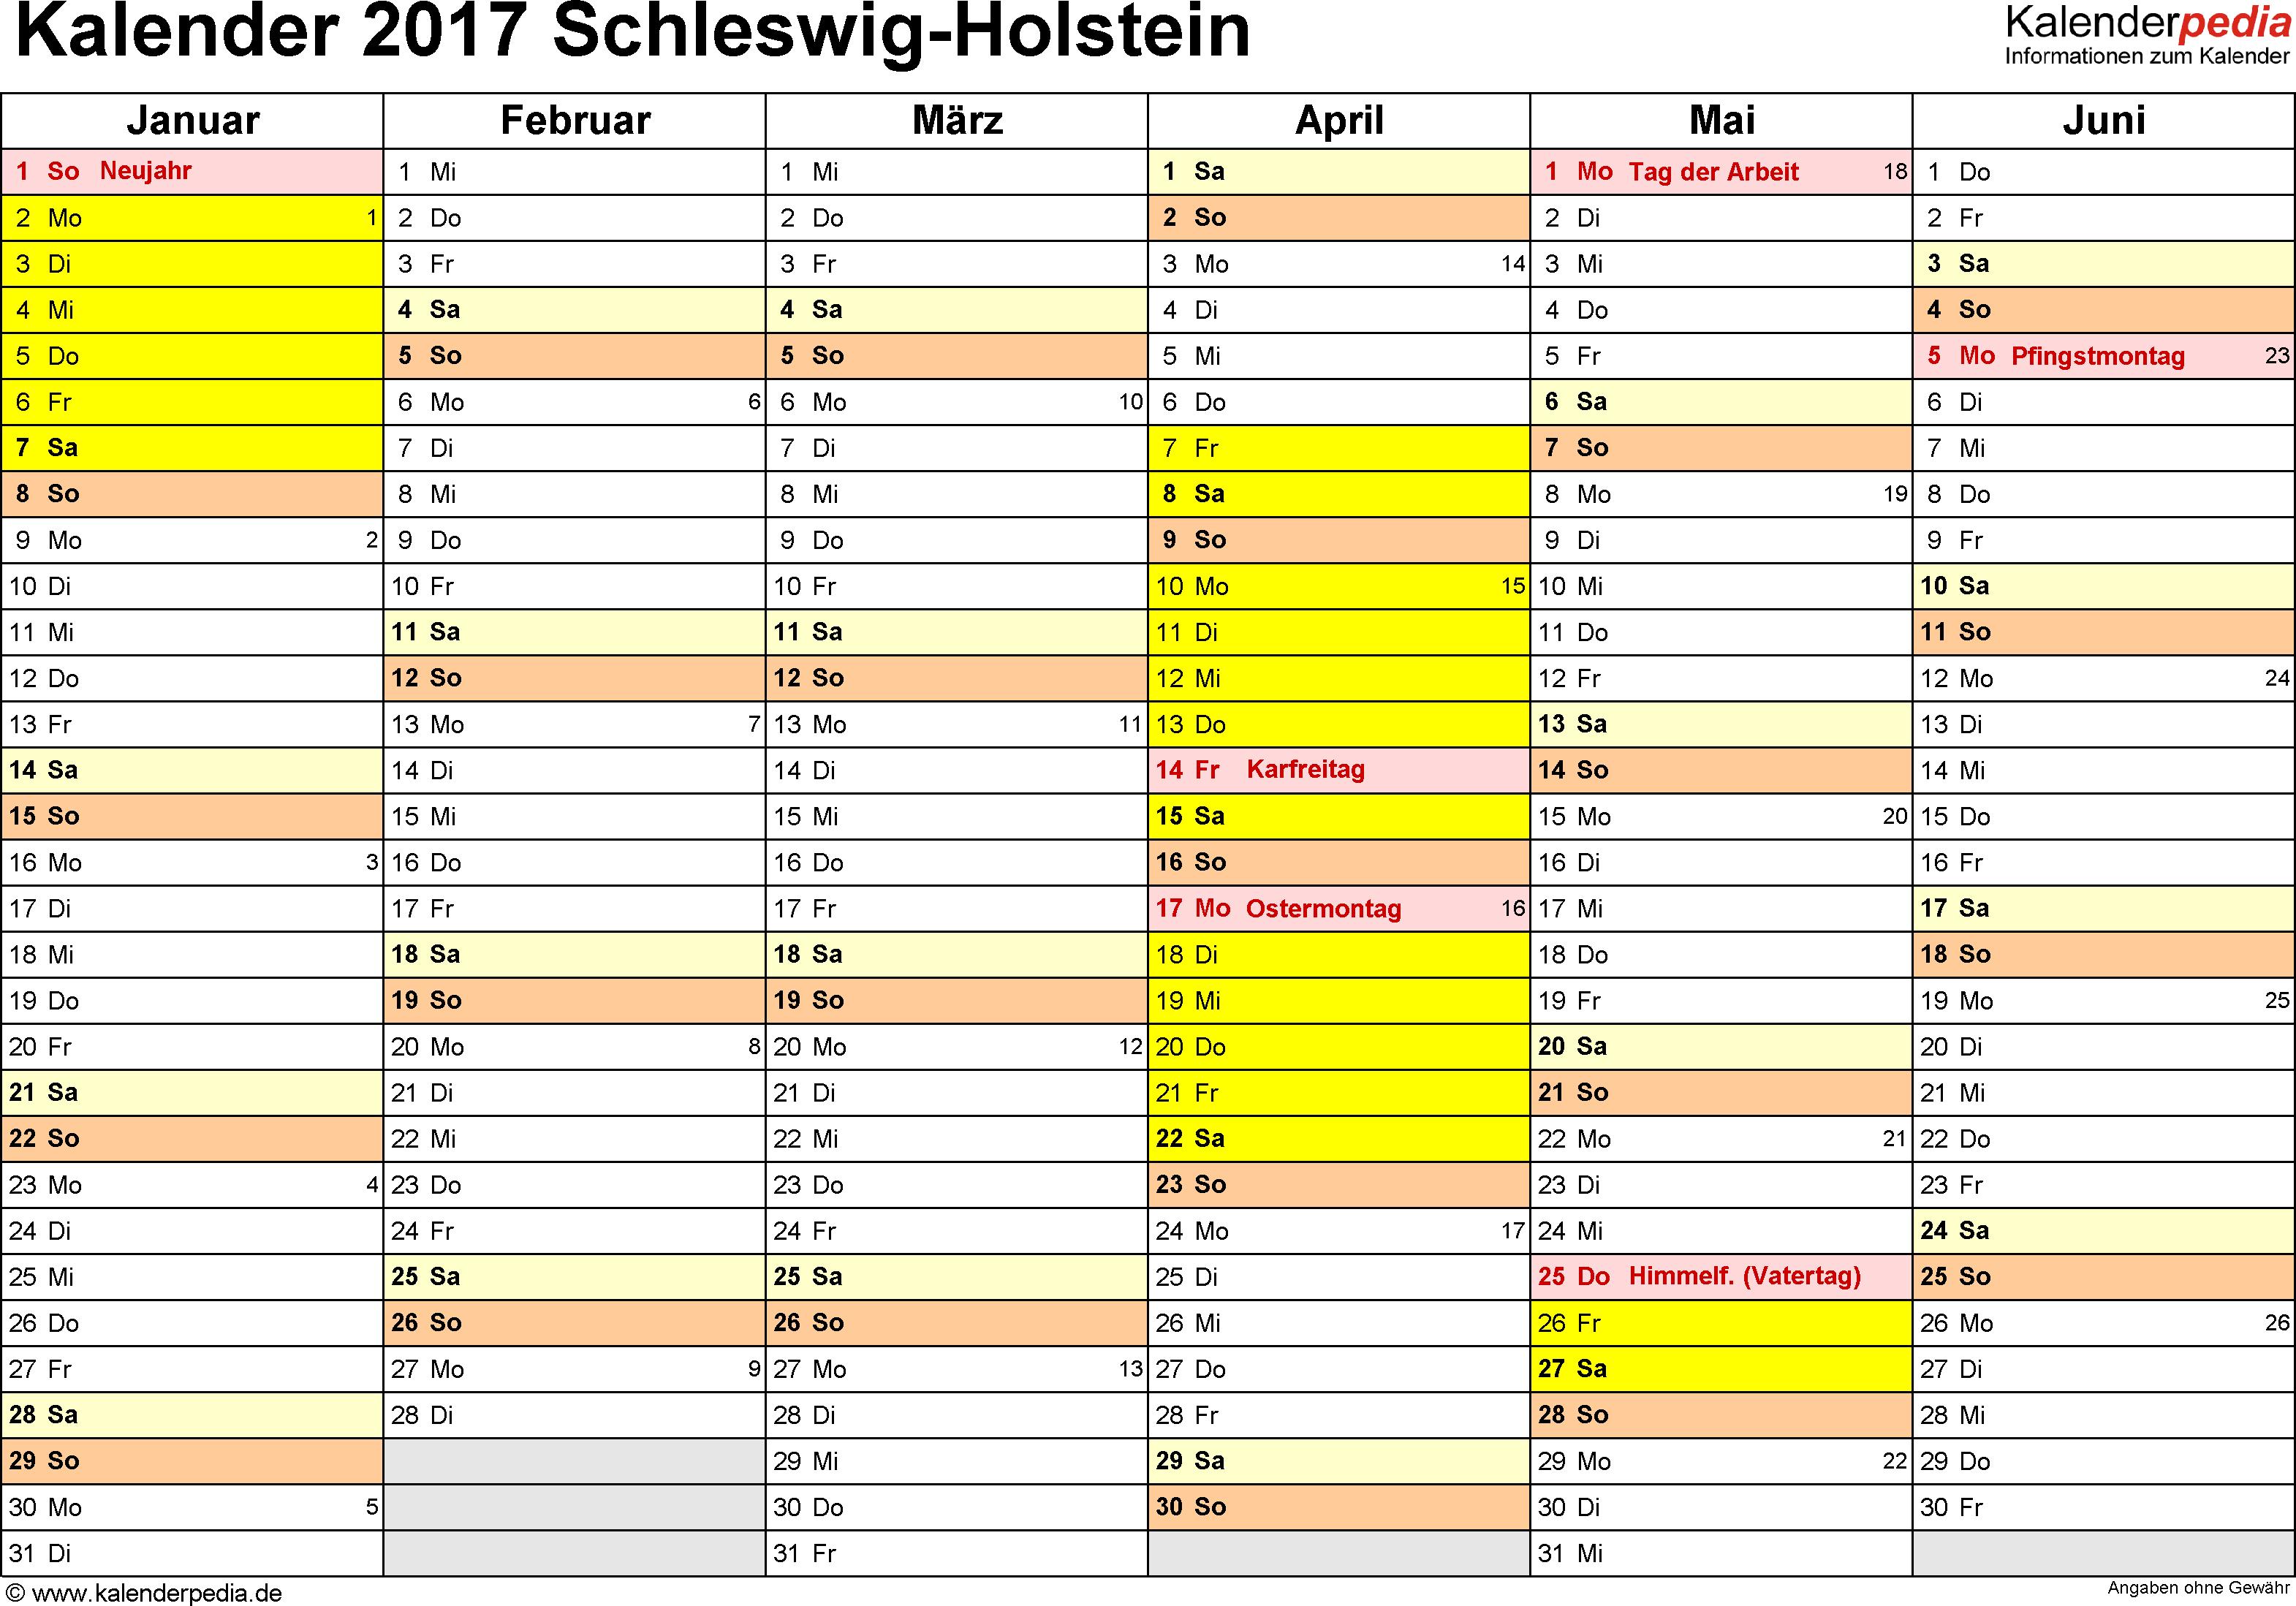 Vorlage 3: Kalender 2017 für Schleswig-Holstein als Excel-Vorlagen (Querformat, 2 Seiten)